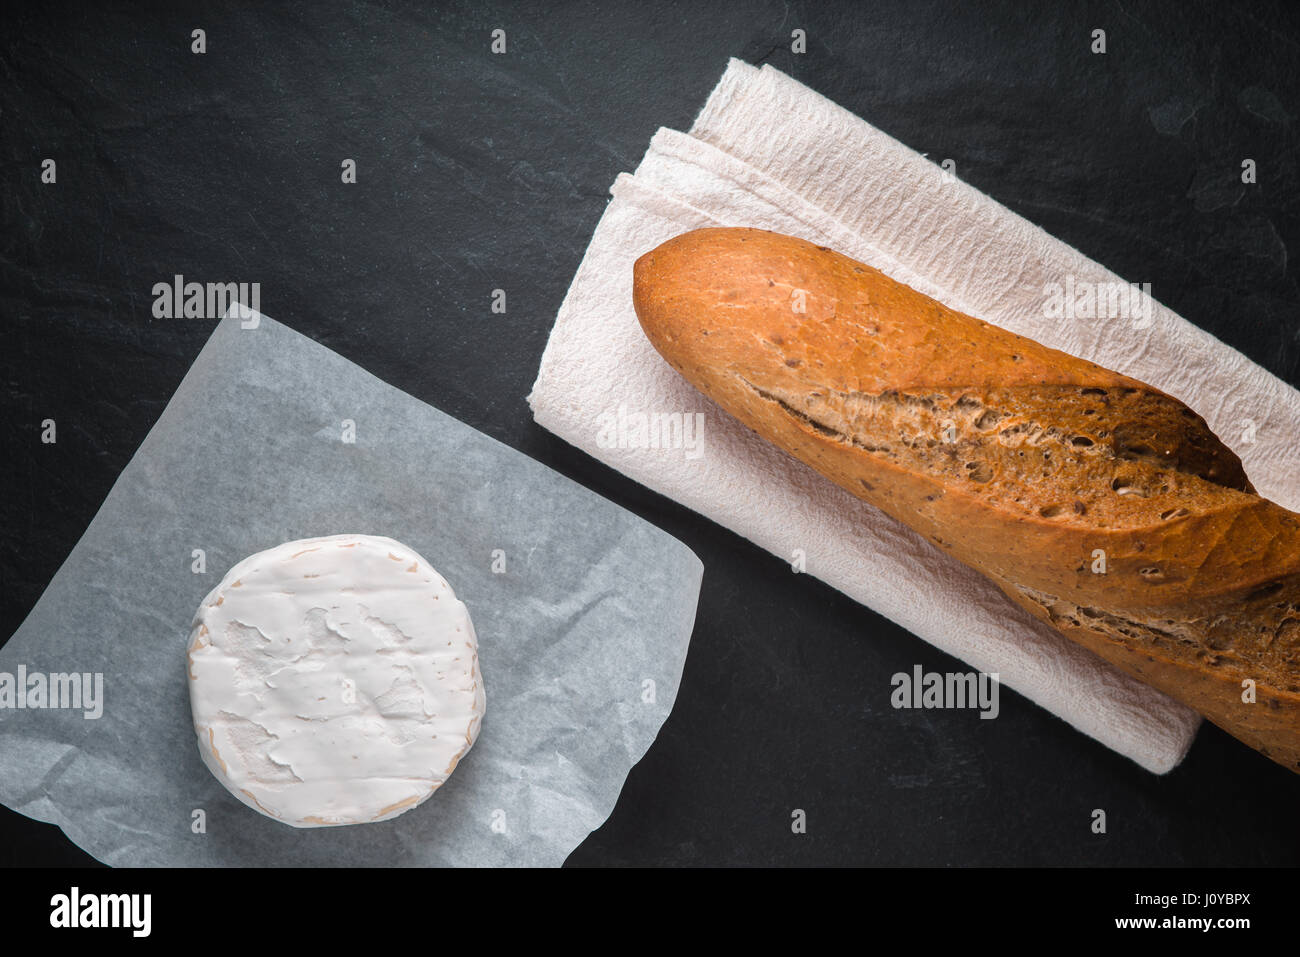 Fromage Brie et baguette sur un tableau sombre Photo Stock